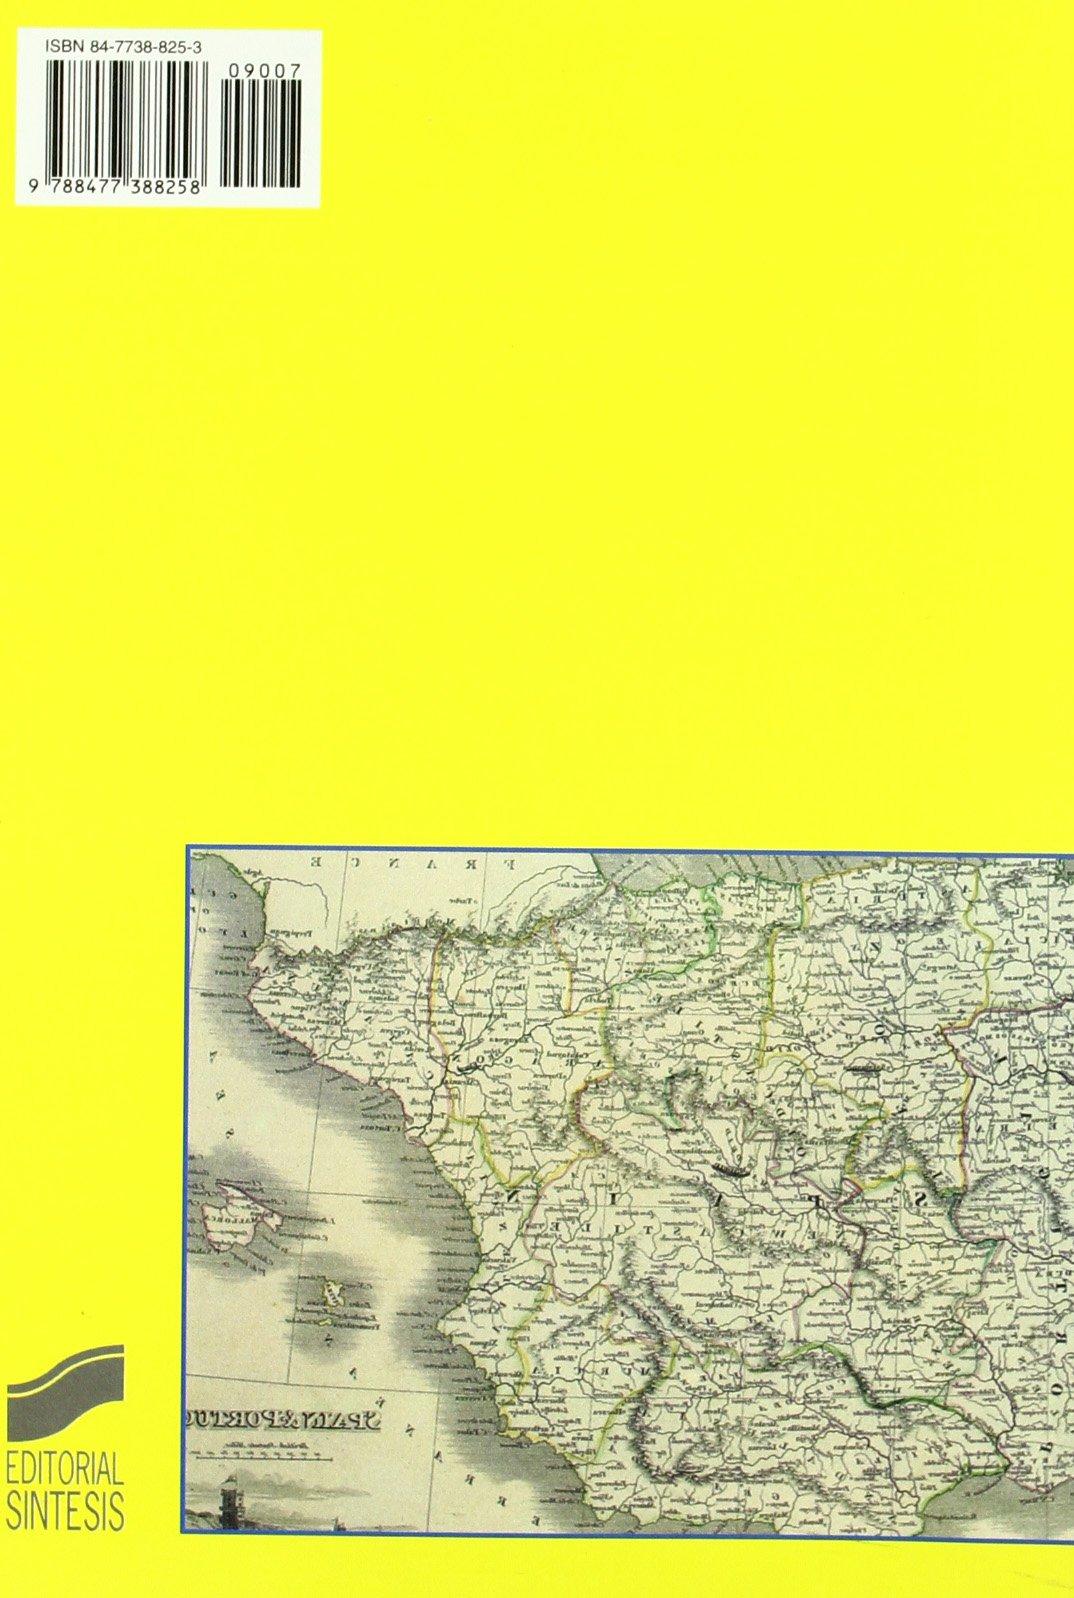 Atlas de historia contemporánea de España y Portugal: 7 Atlas históricos: Amazon.es: López-Davalillo Larrea, Julio: Libros